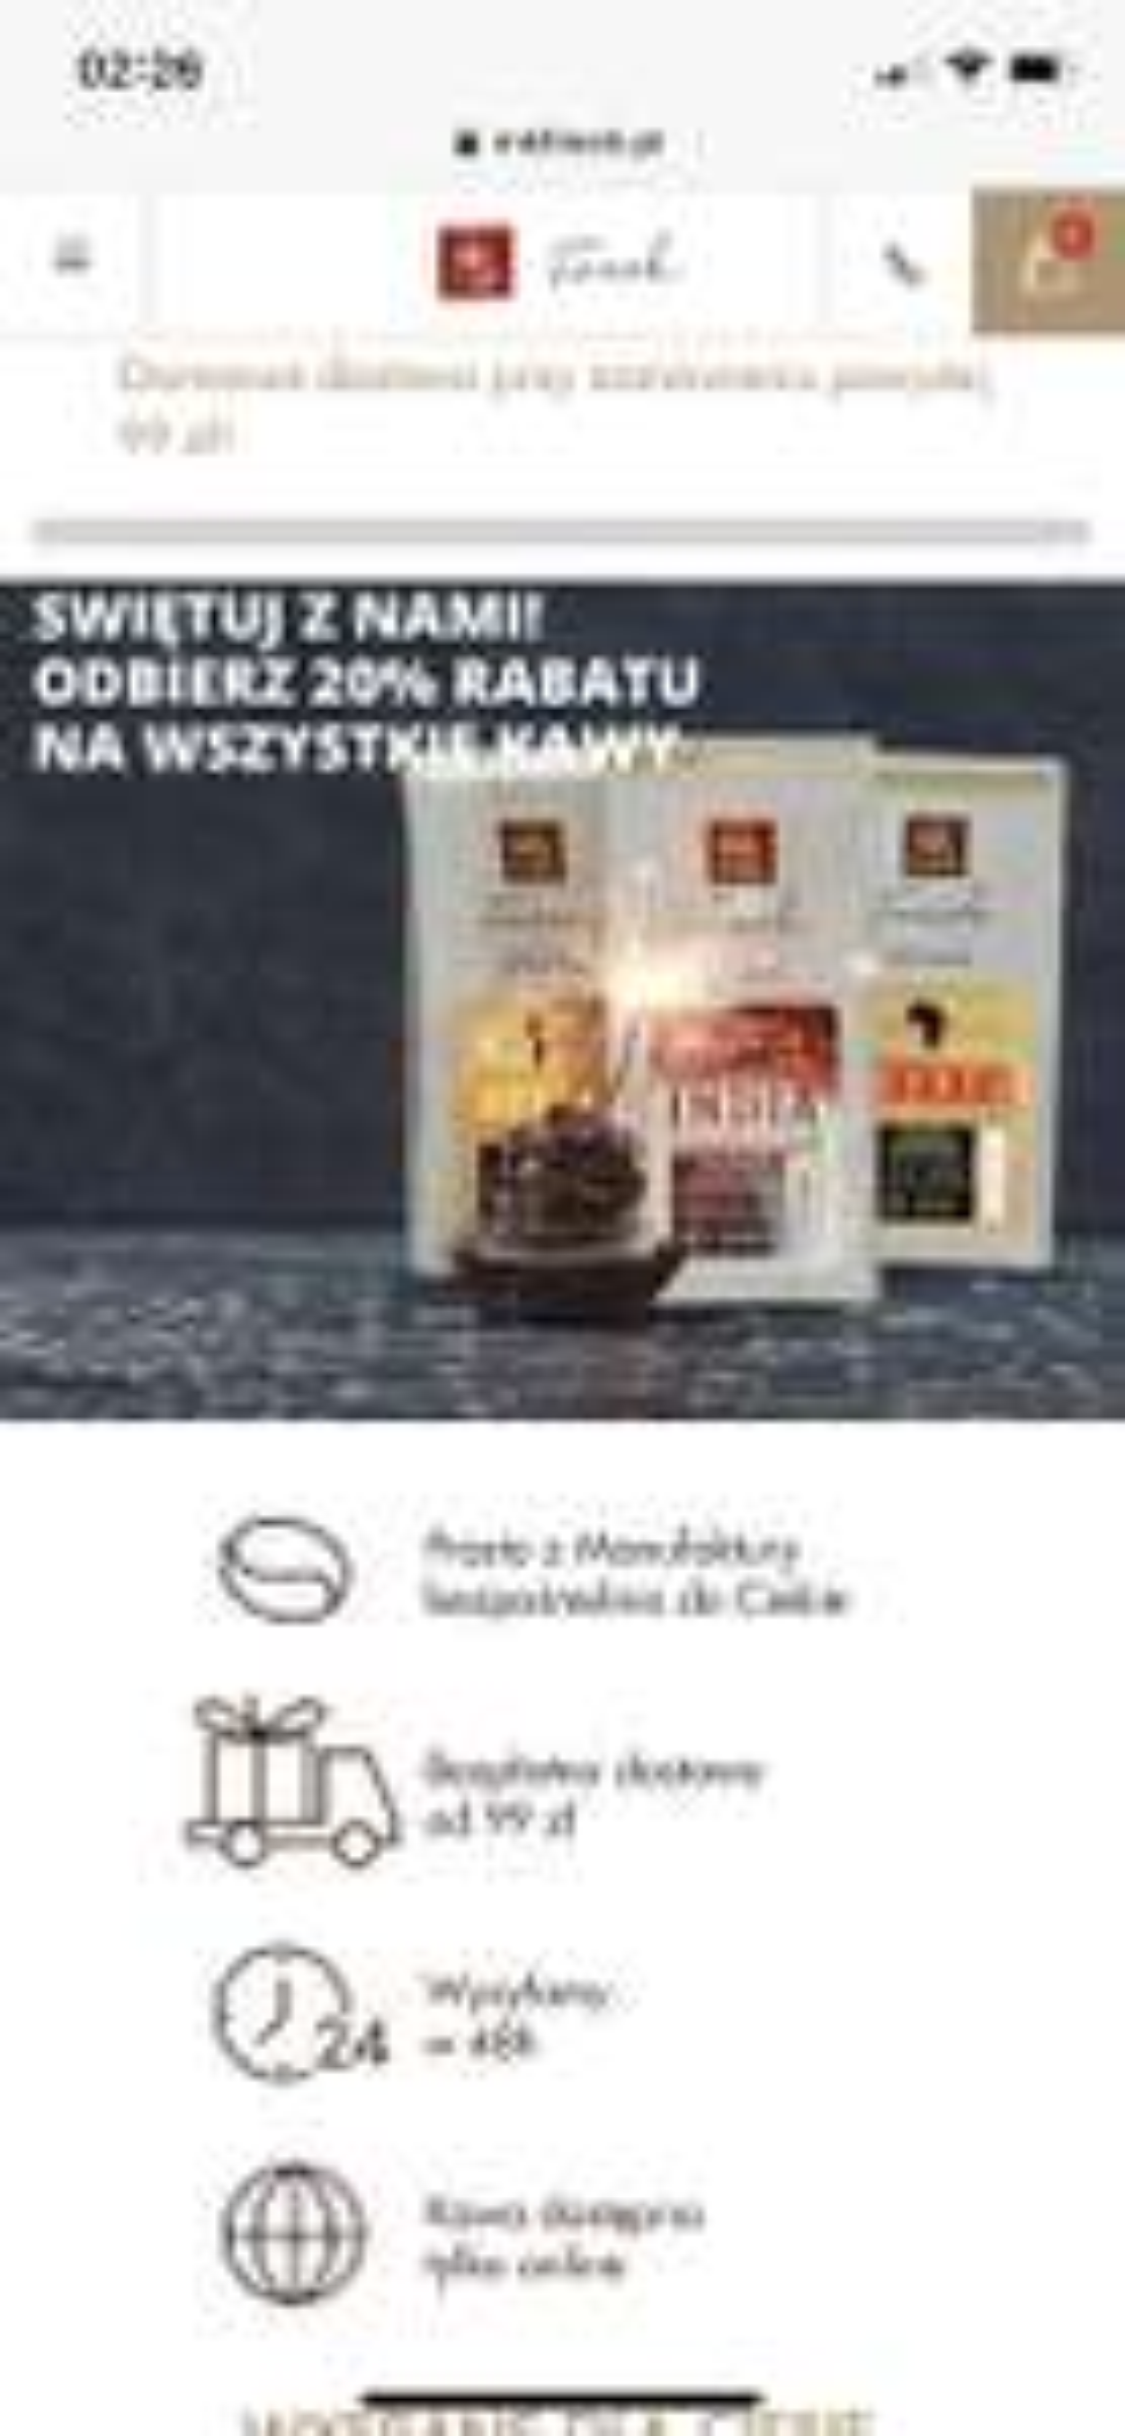 Mk fresk wszystkie kawy 20% taniej + -15%